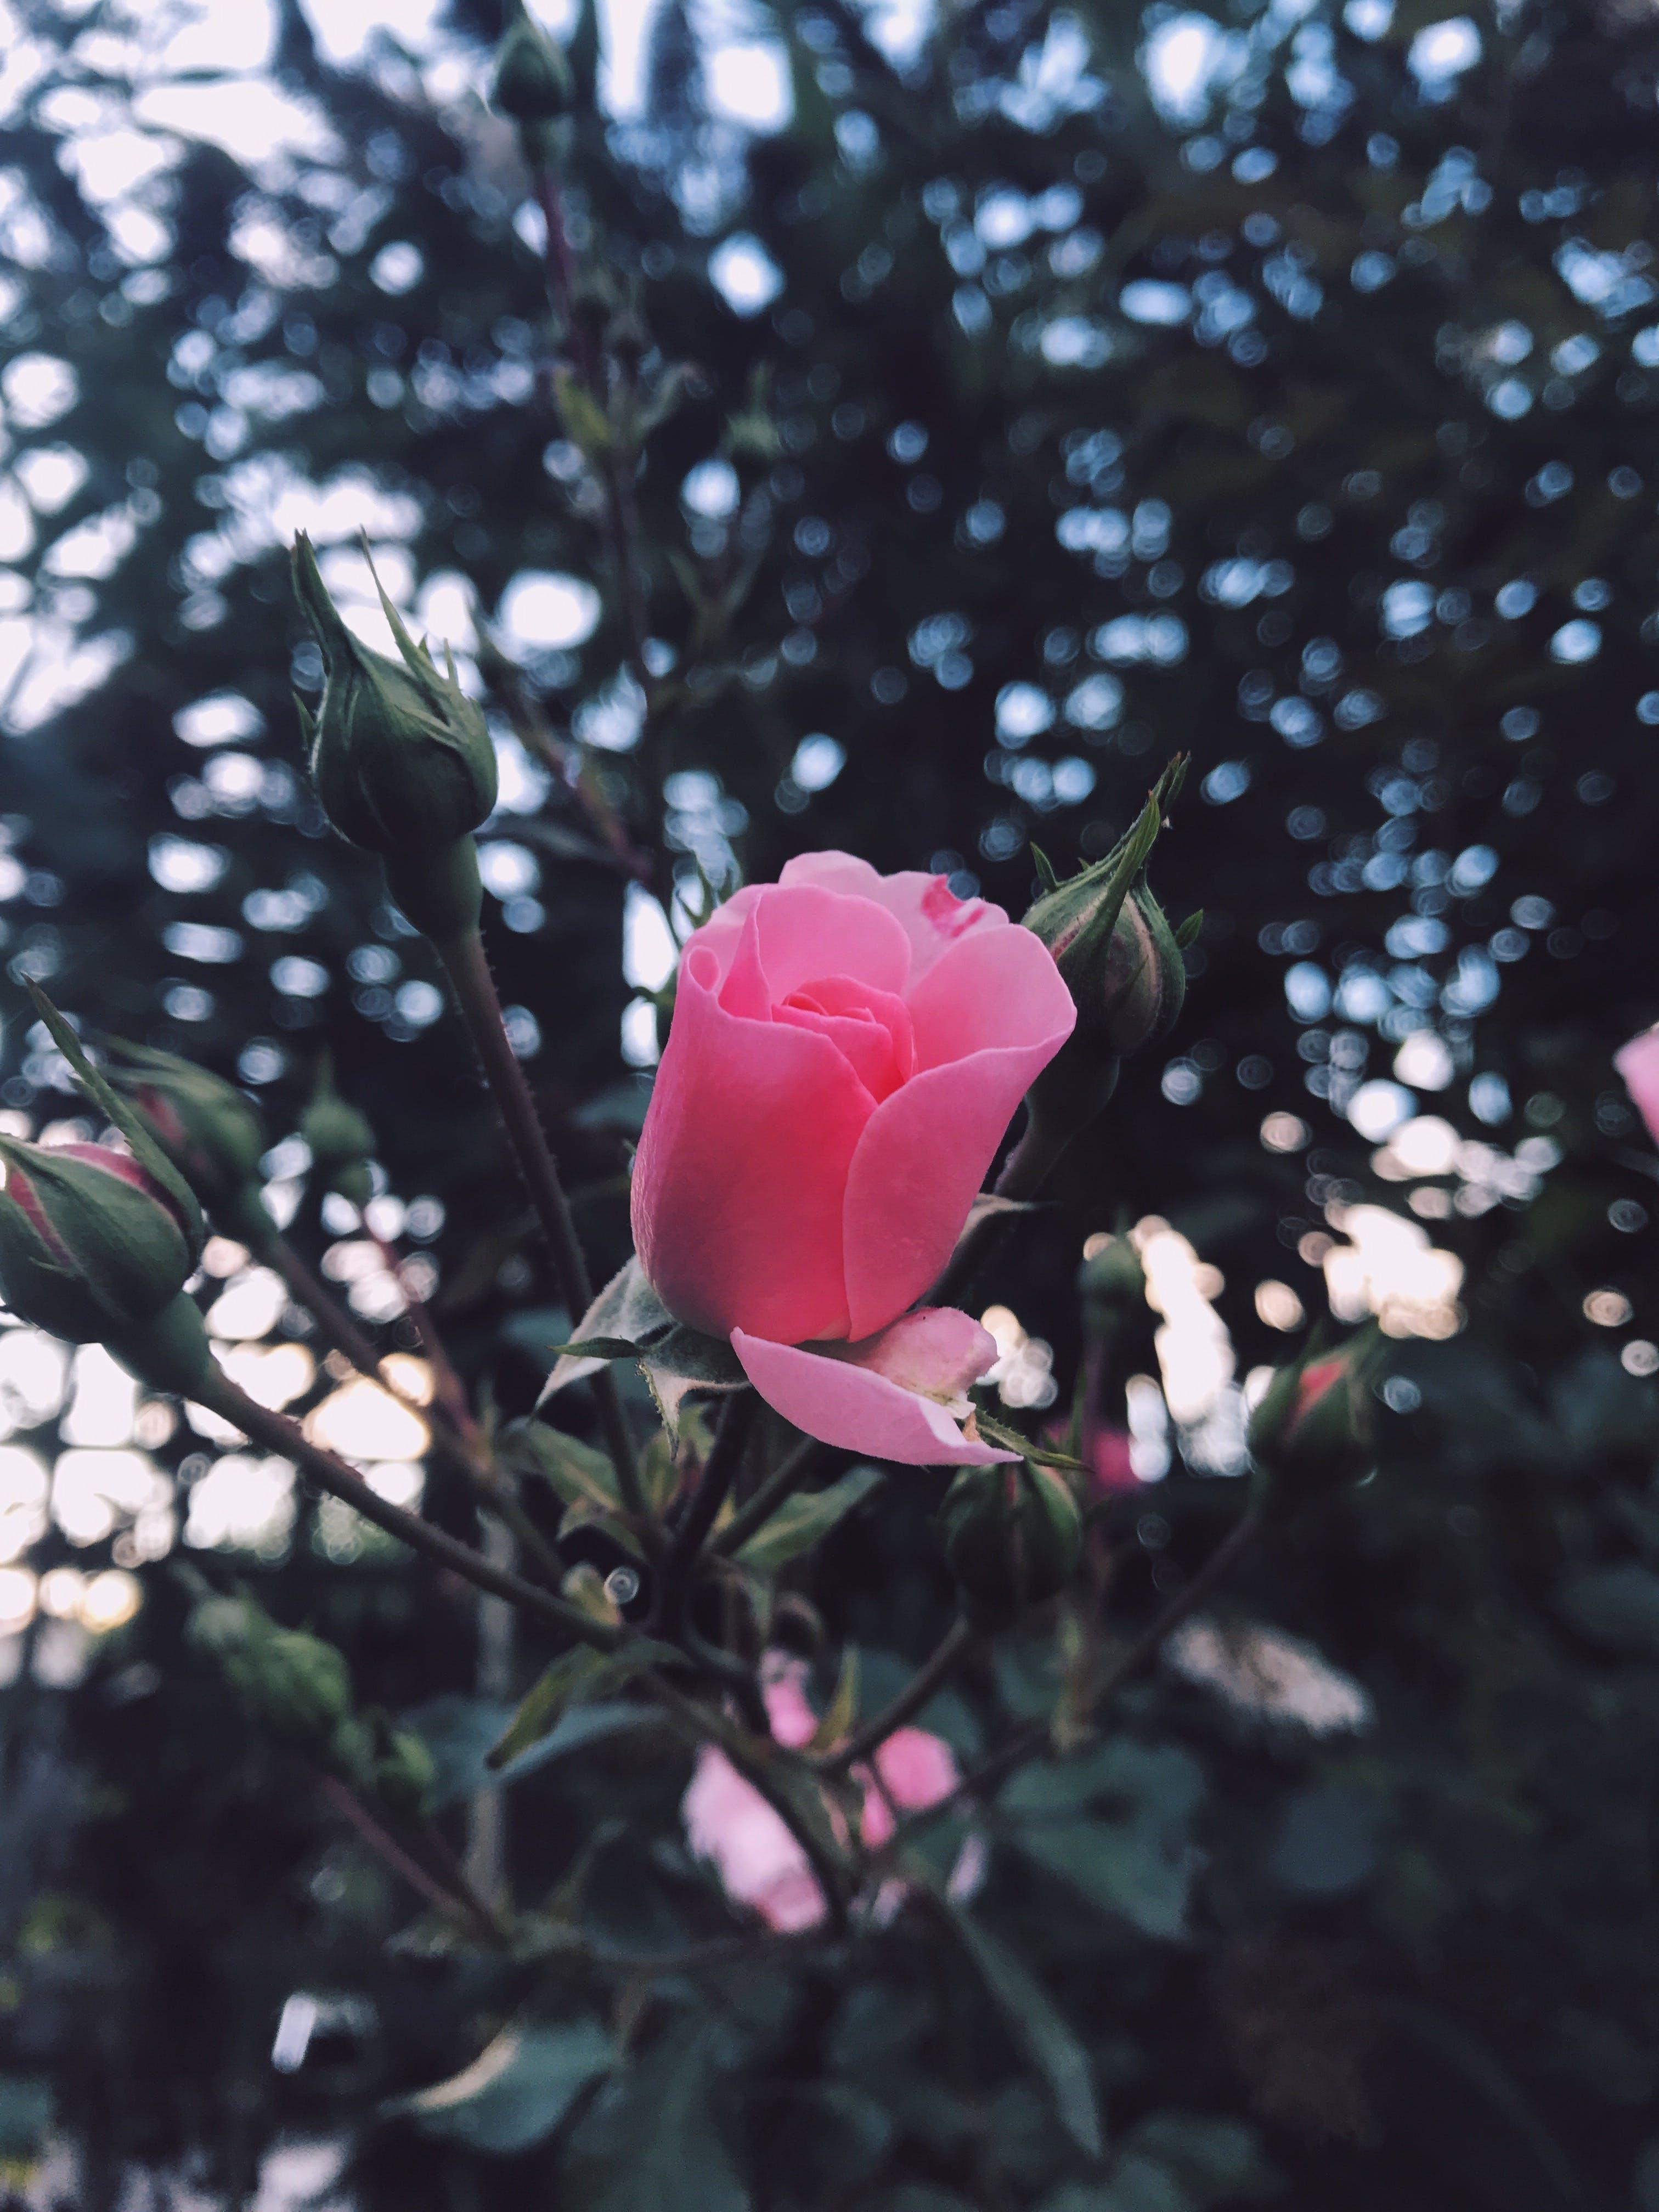 Gratis lagerfoto af blomsterhave, have, Kærlighed, lyserød rose